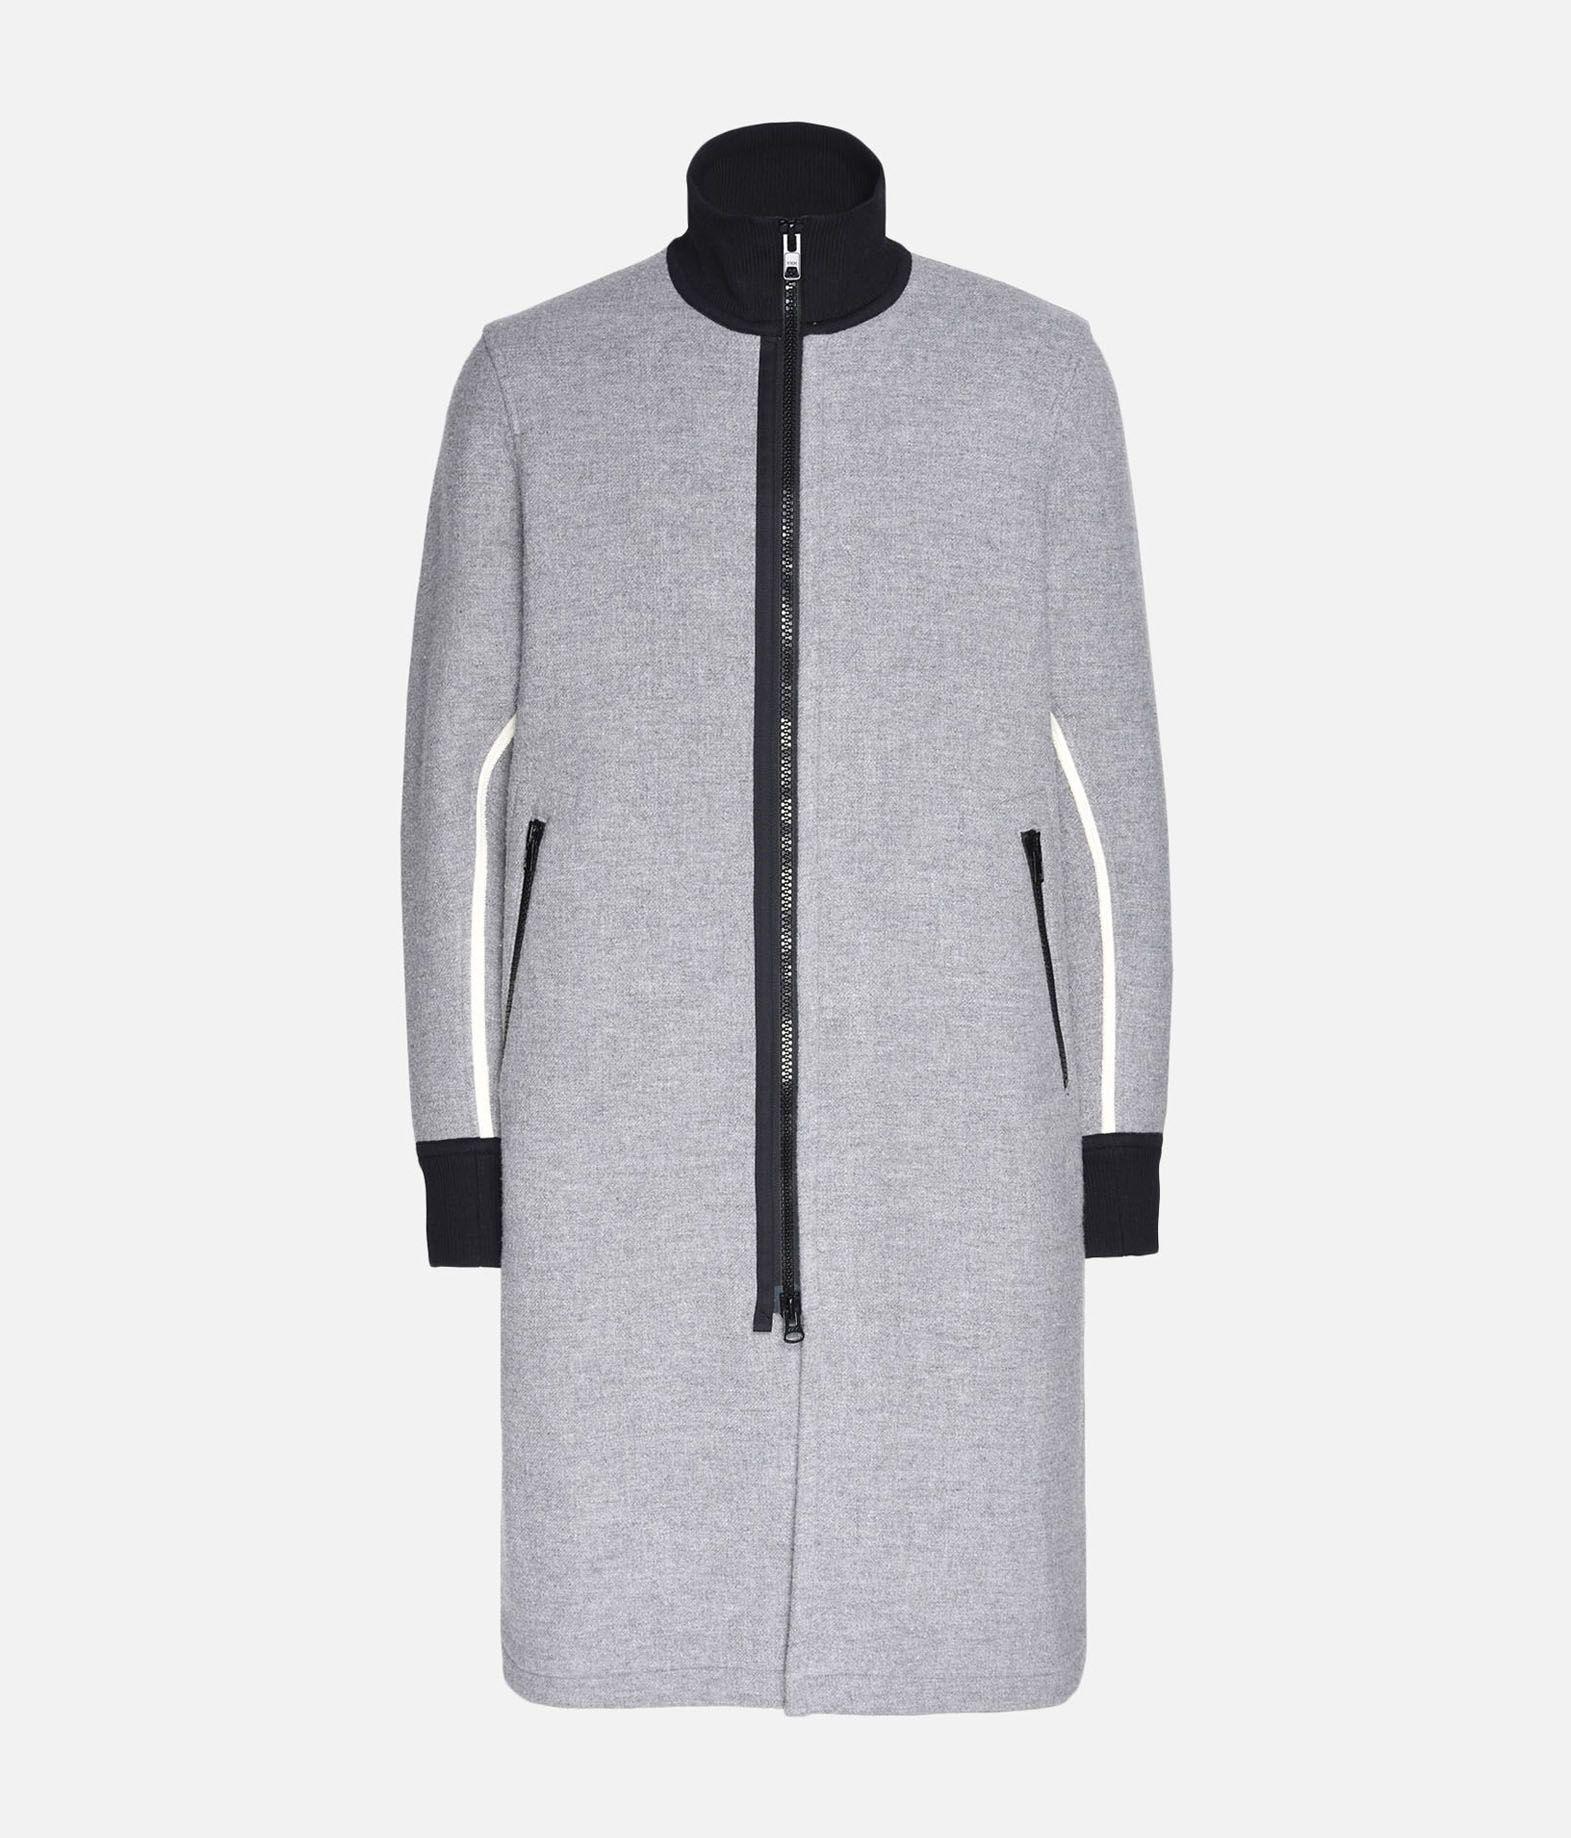 Y-3 Y-3 Spacer Wool Coat コート メンズ f